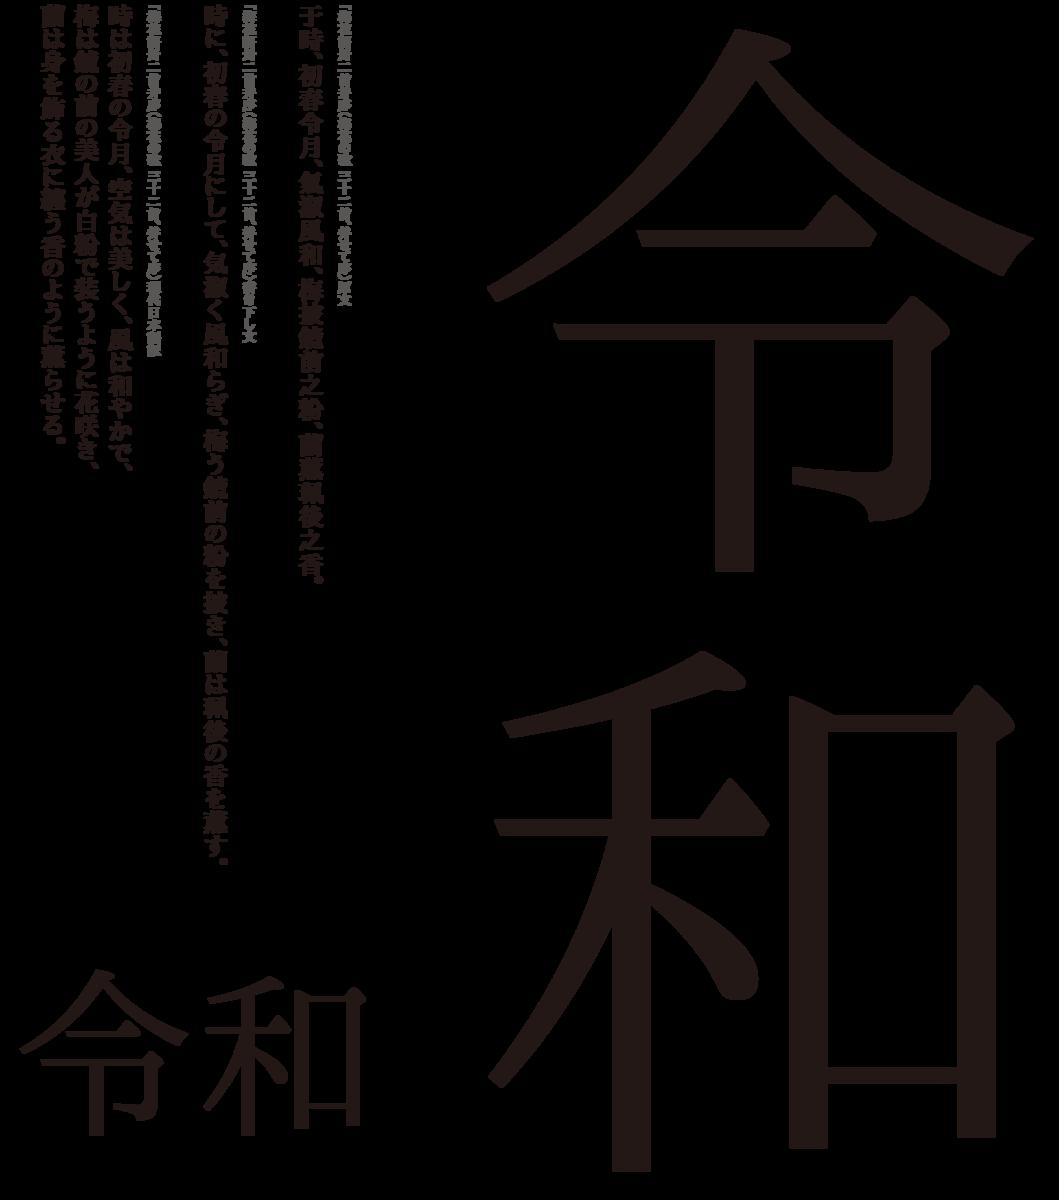 f:id:mojiru:20190516095257p:plain